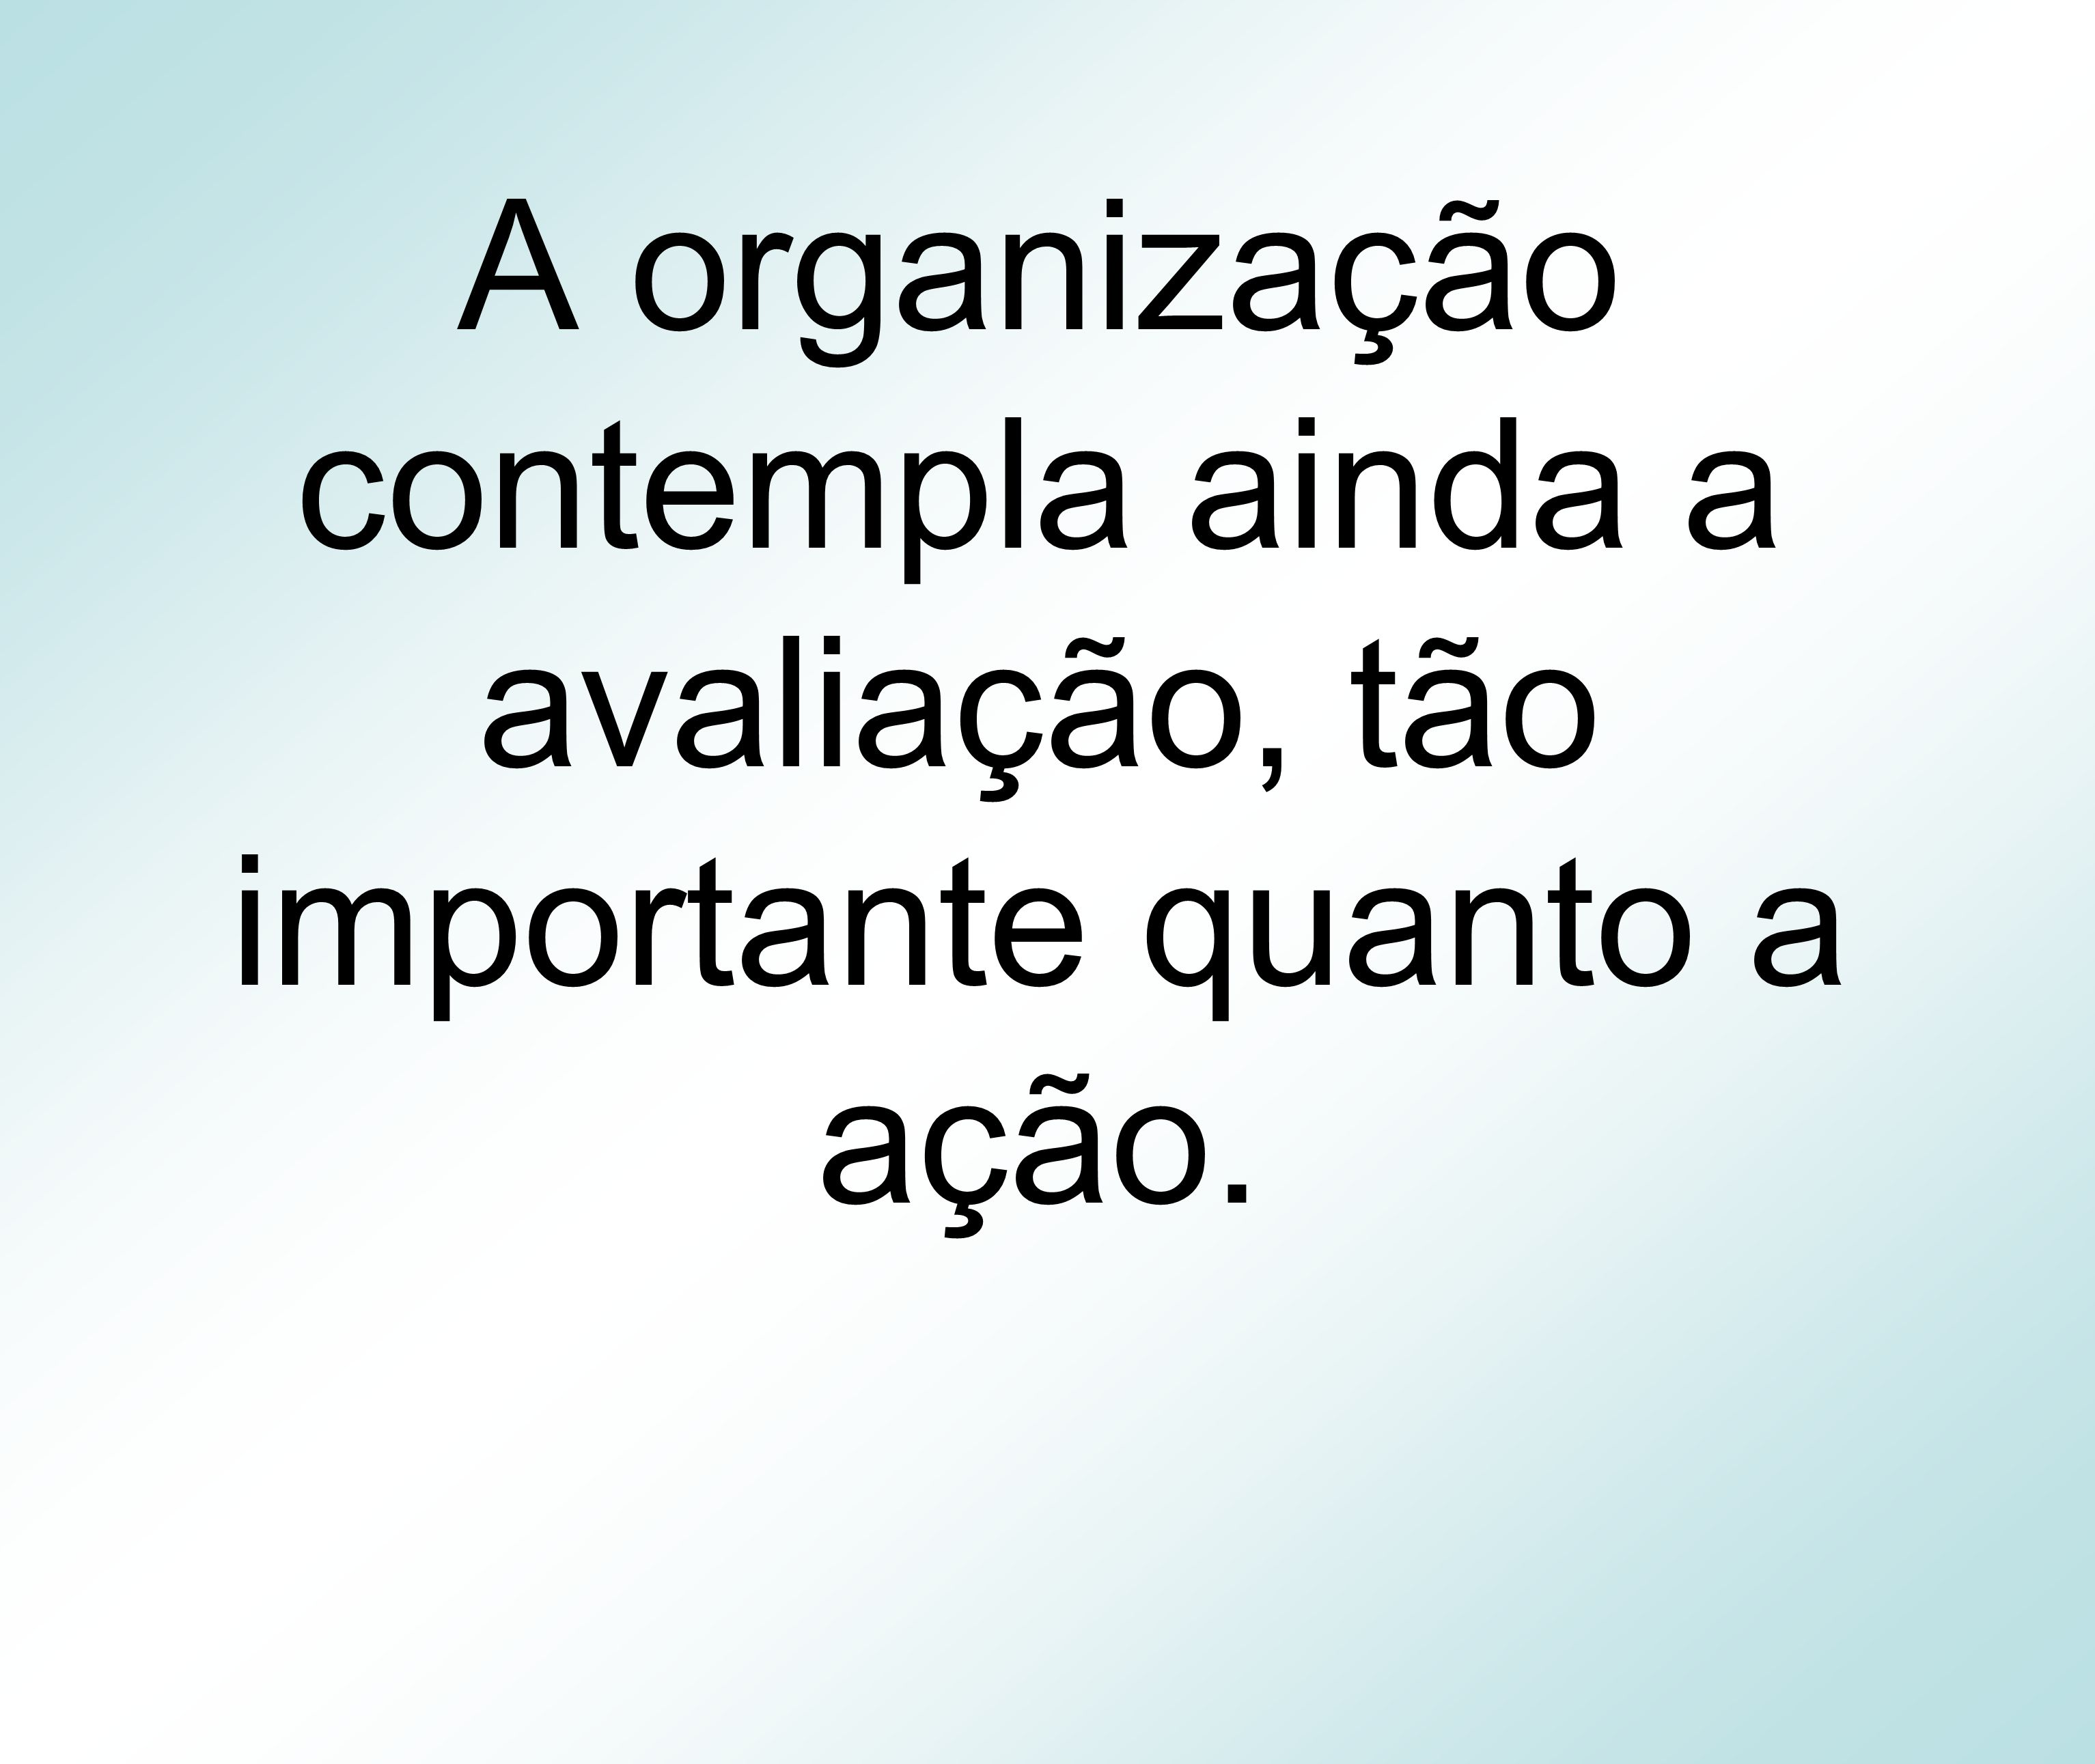 A organização contempla ainda a avaliação, tão importante quanto a ação.